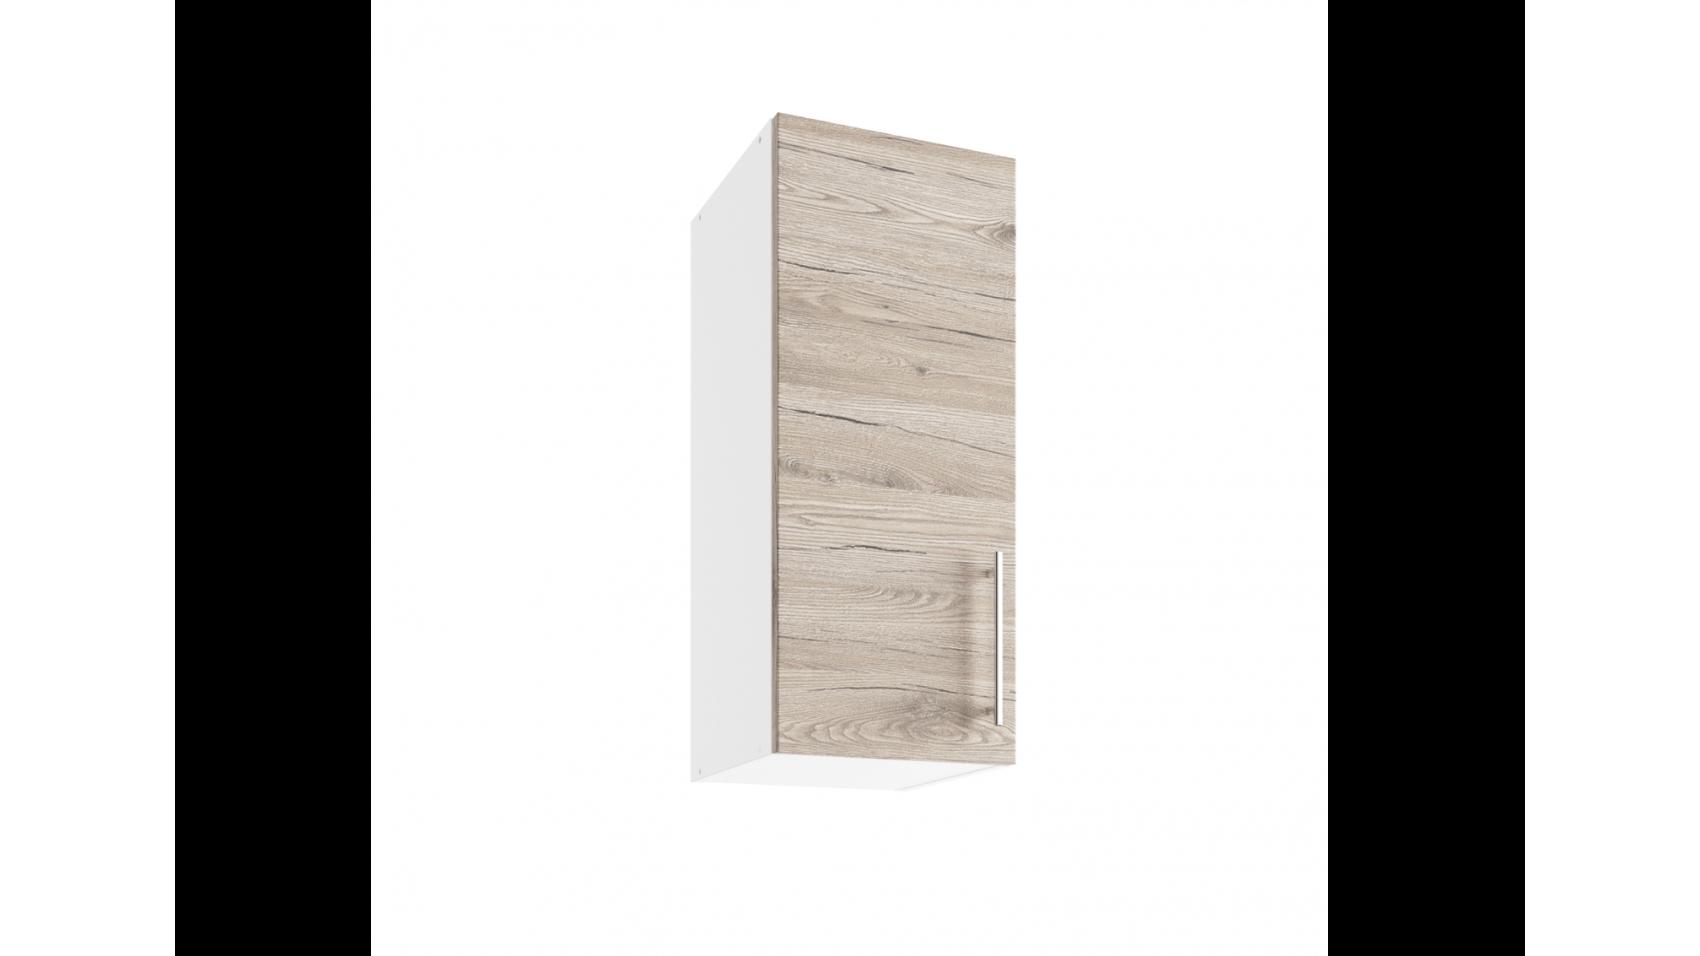 Kuchenne szafki wiszące Luna San Remo | sklep internetowy Lupus ECO